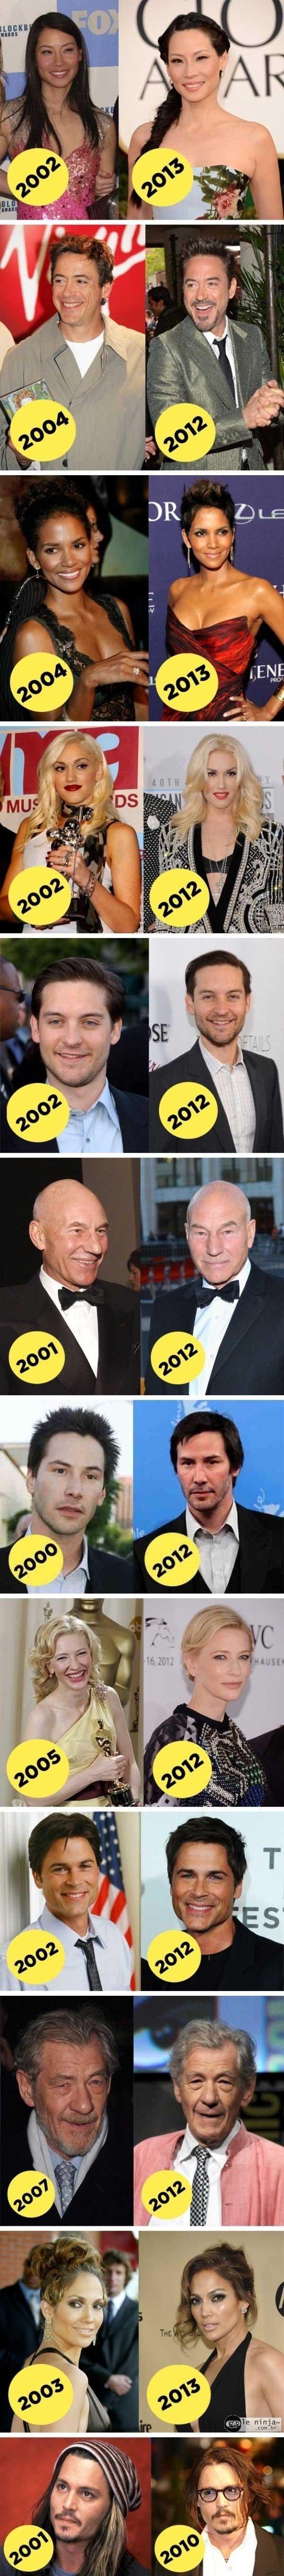 famosos que não envelhecem